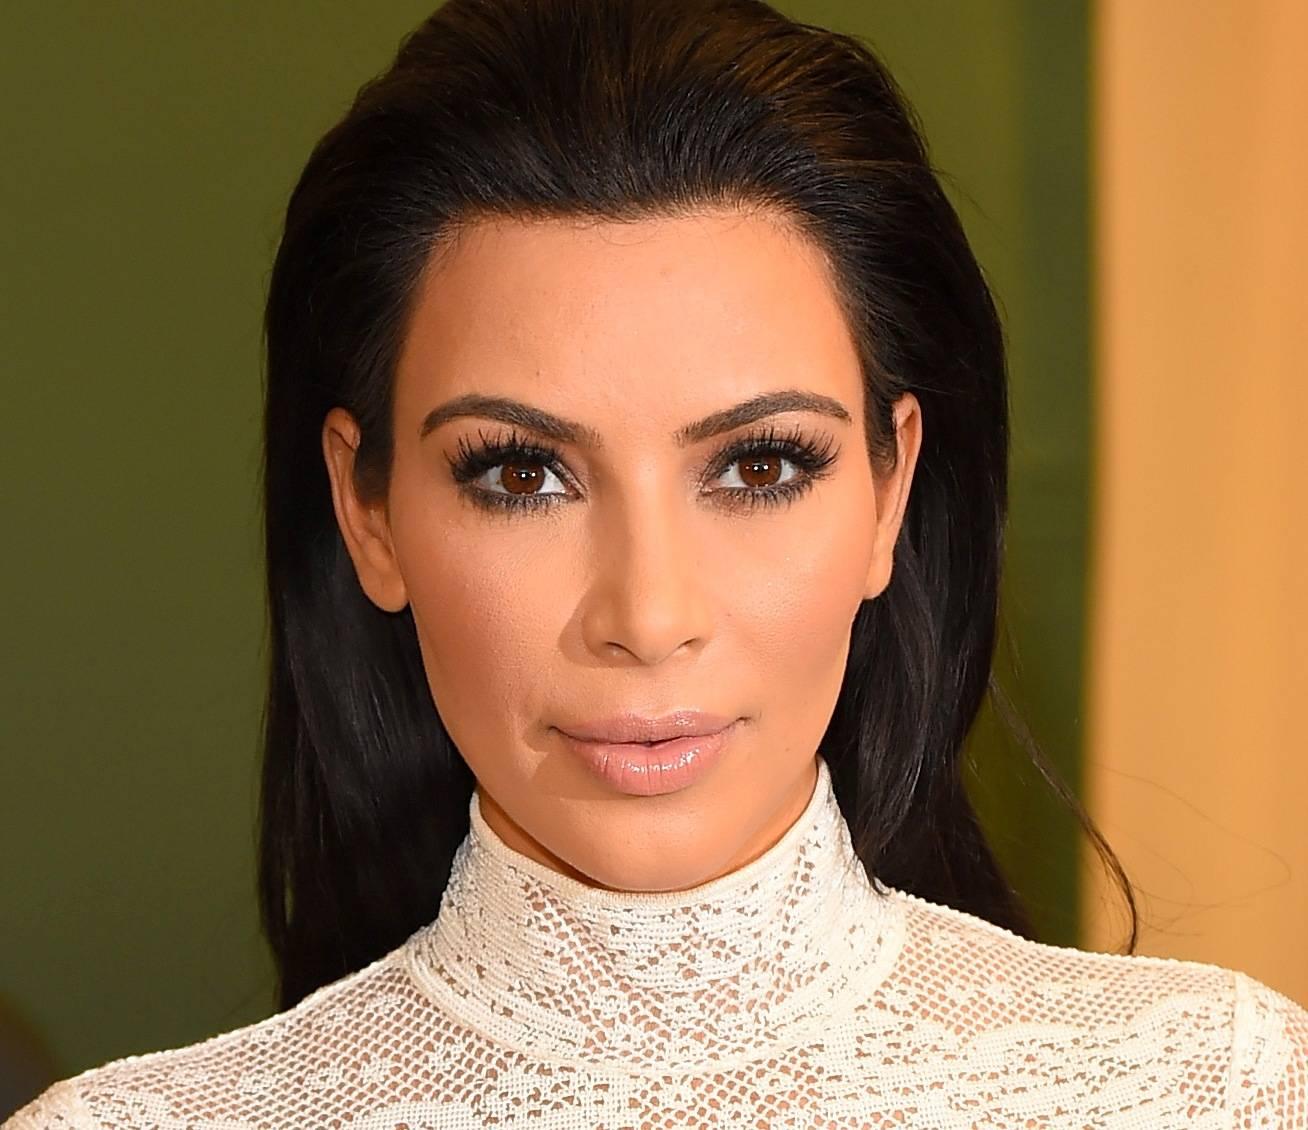 Ким кардашьян. фото, пластические операции, биография, параметры фигуры, рост и вес. как менялась внешность